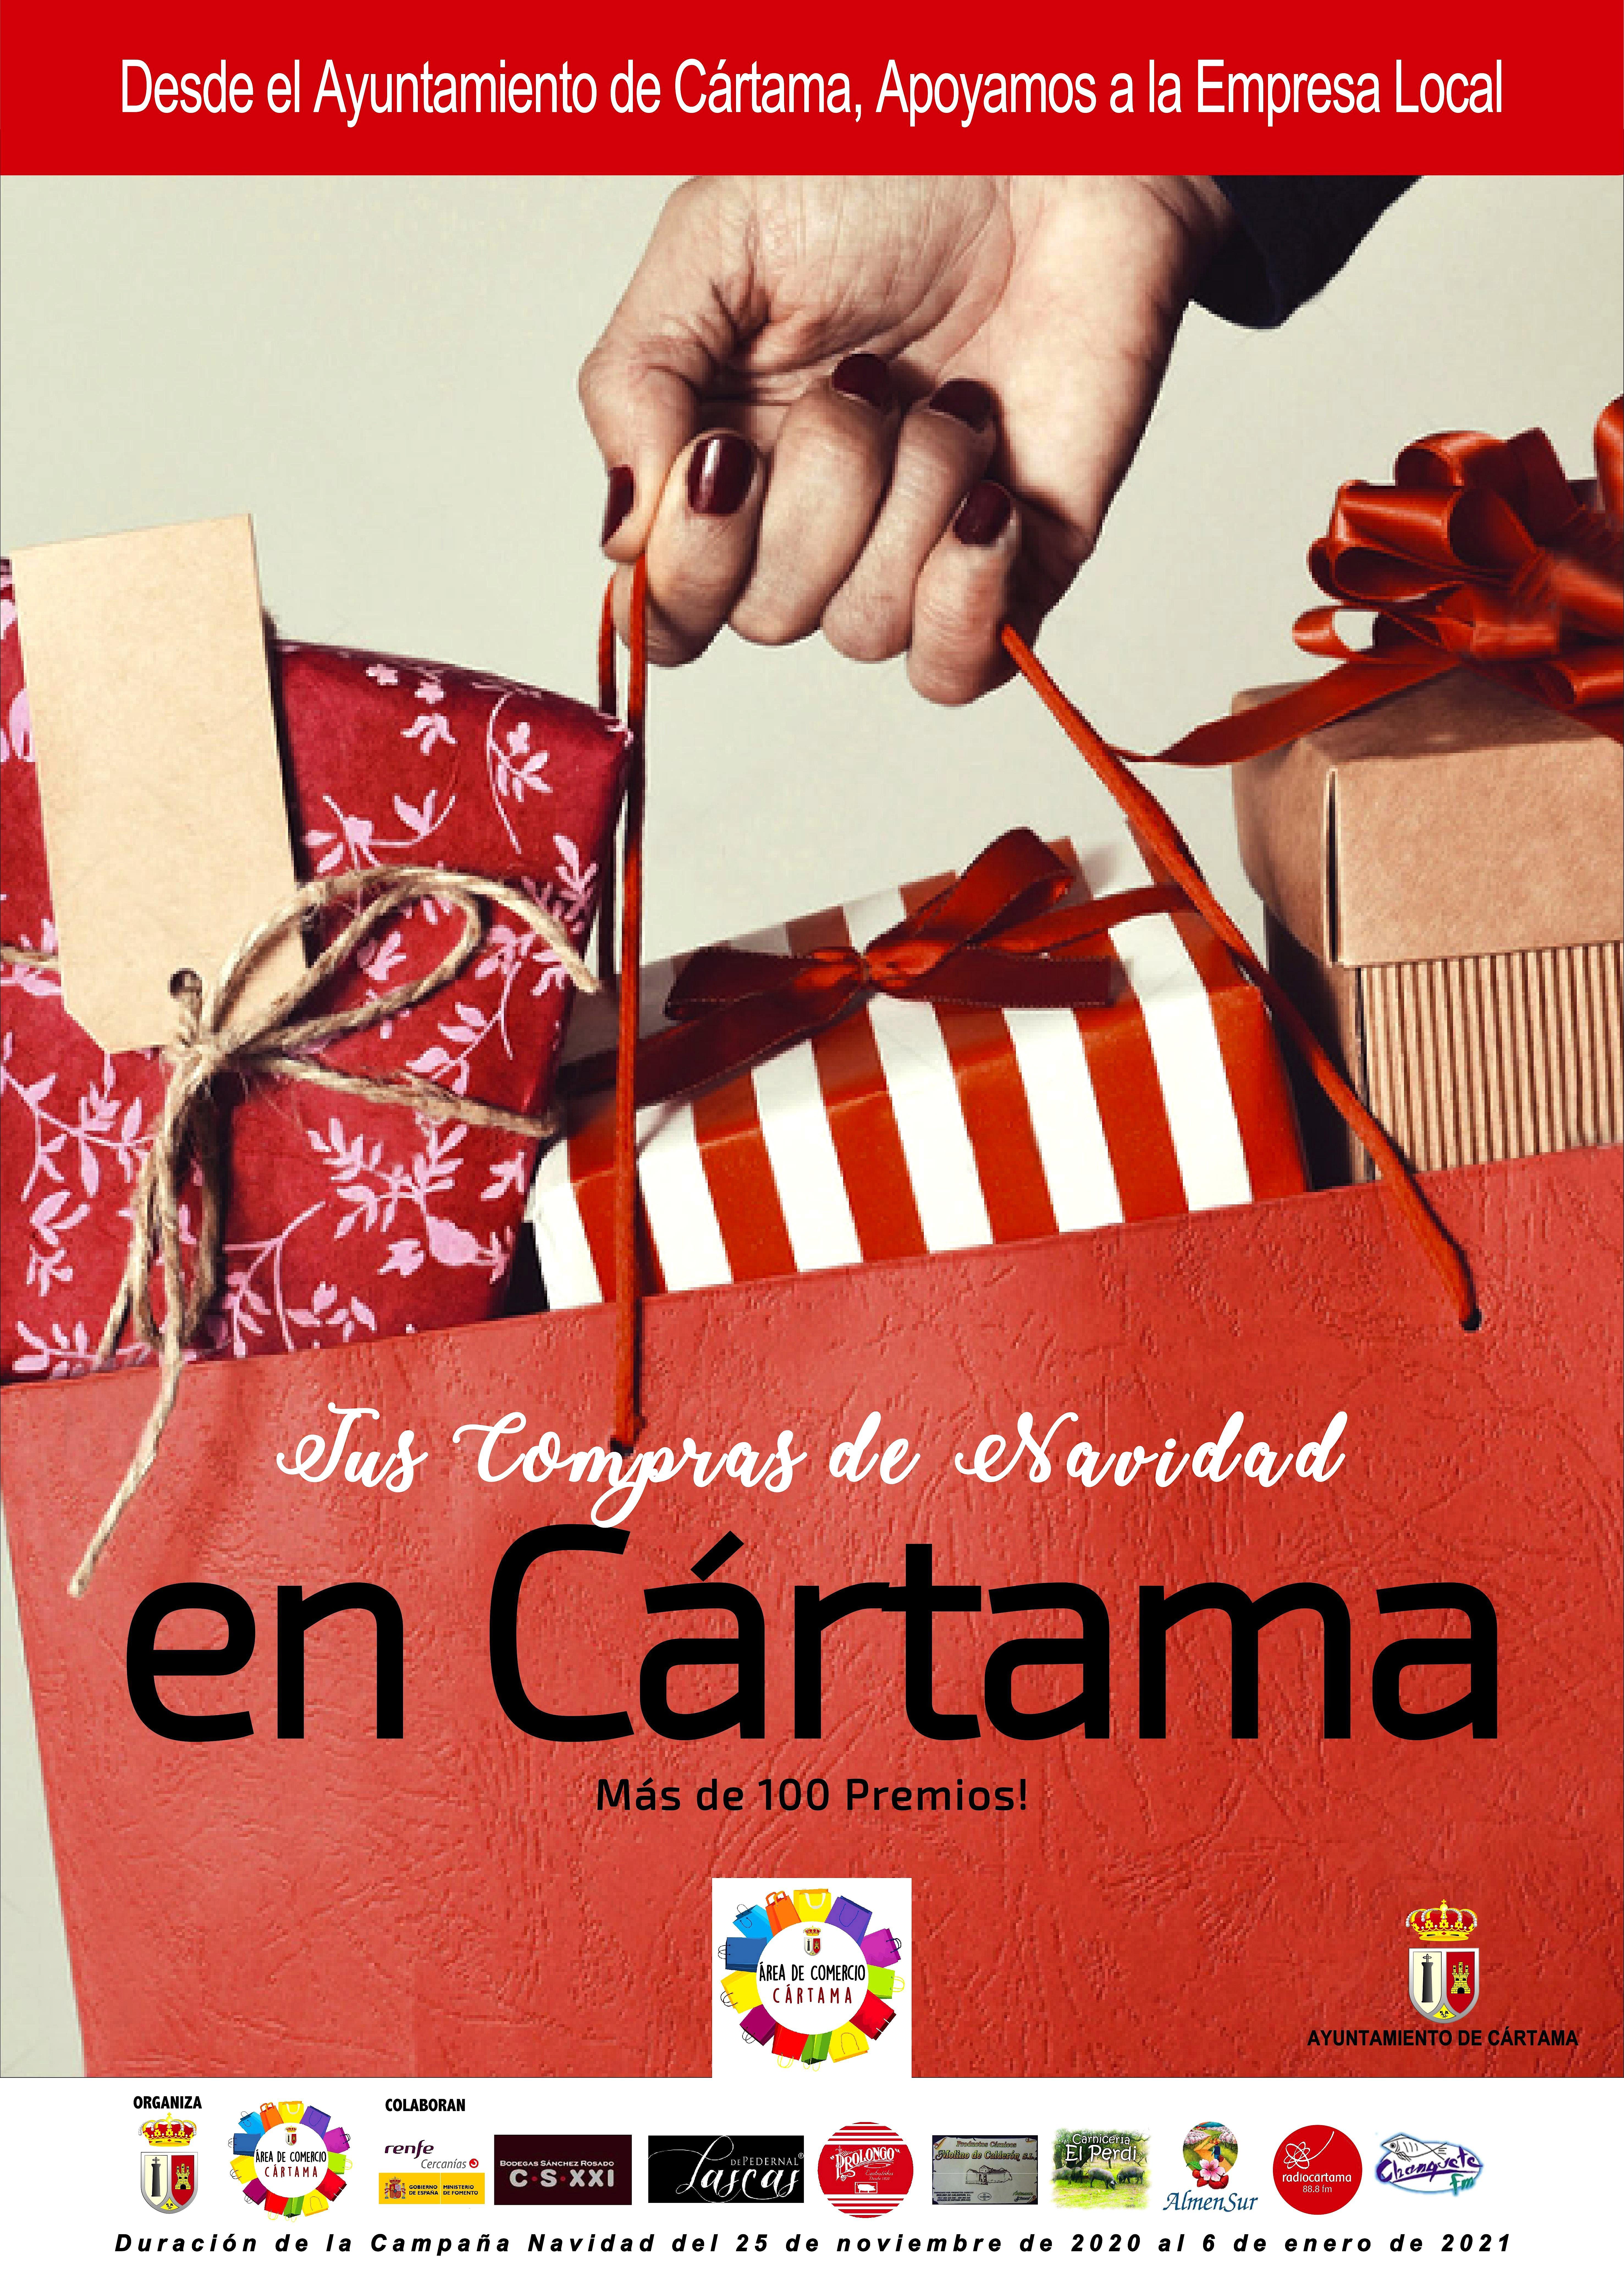 cartel-campana-tus-compras-de-navidad-en-cartama-2020